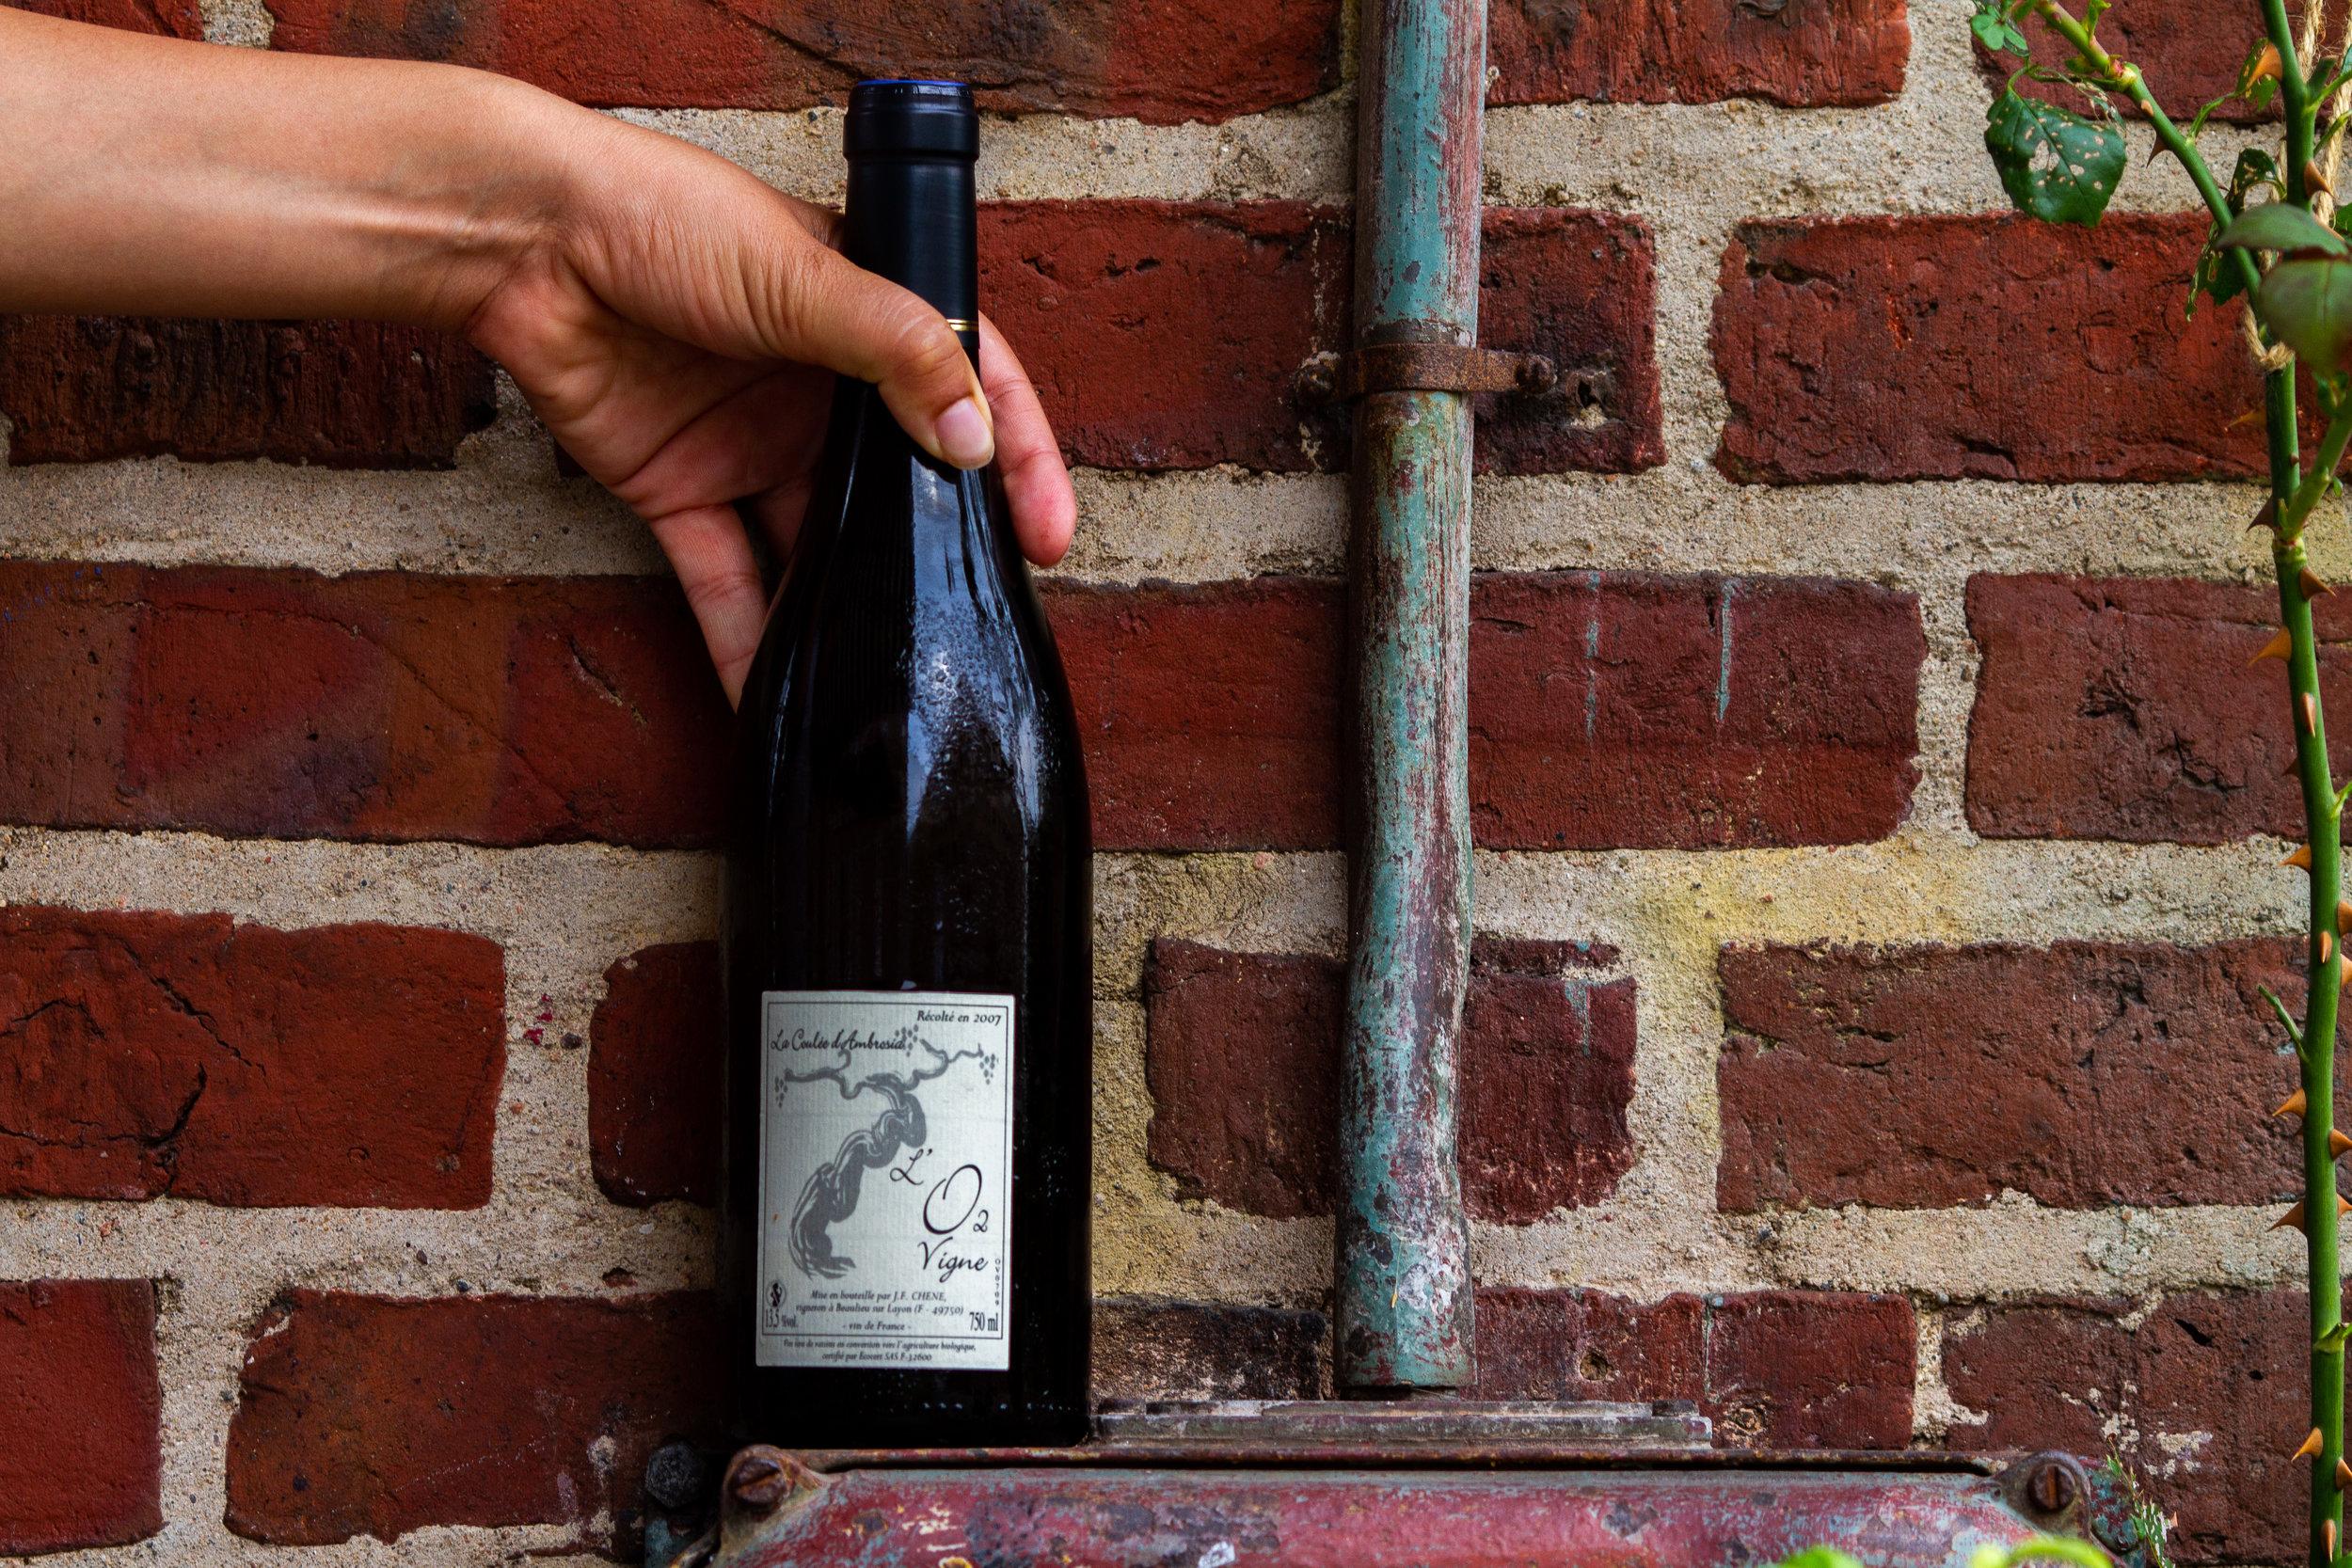 August2018 Wine14.jpg